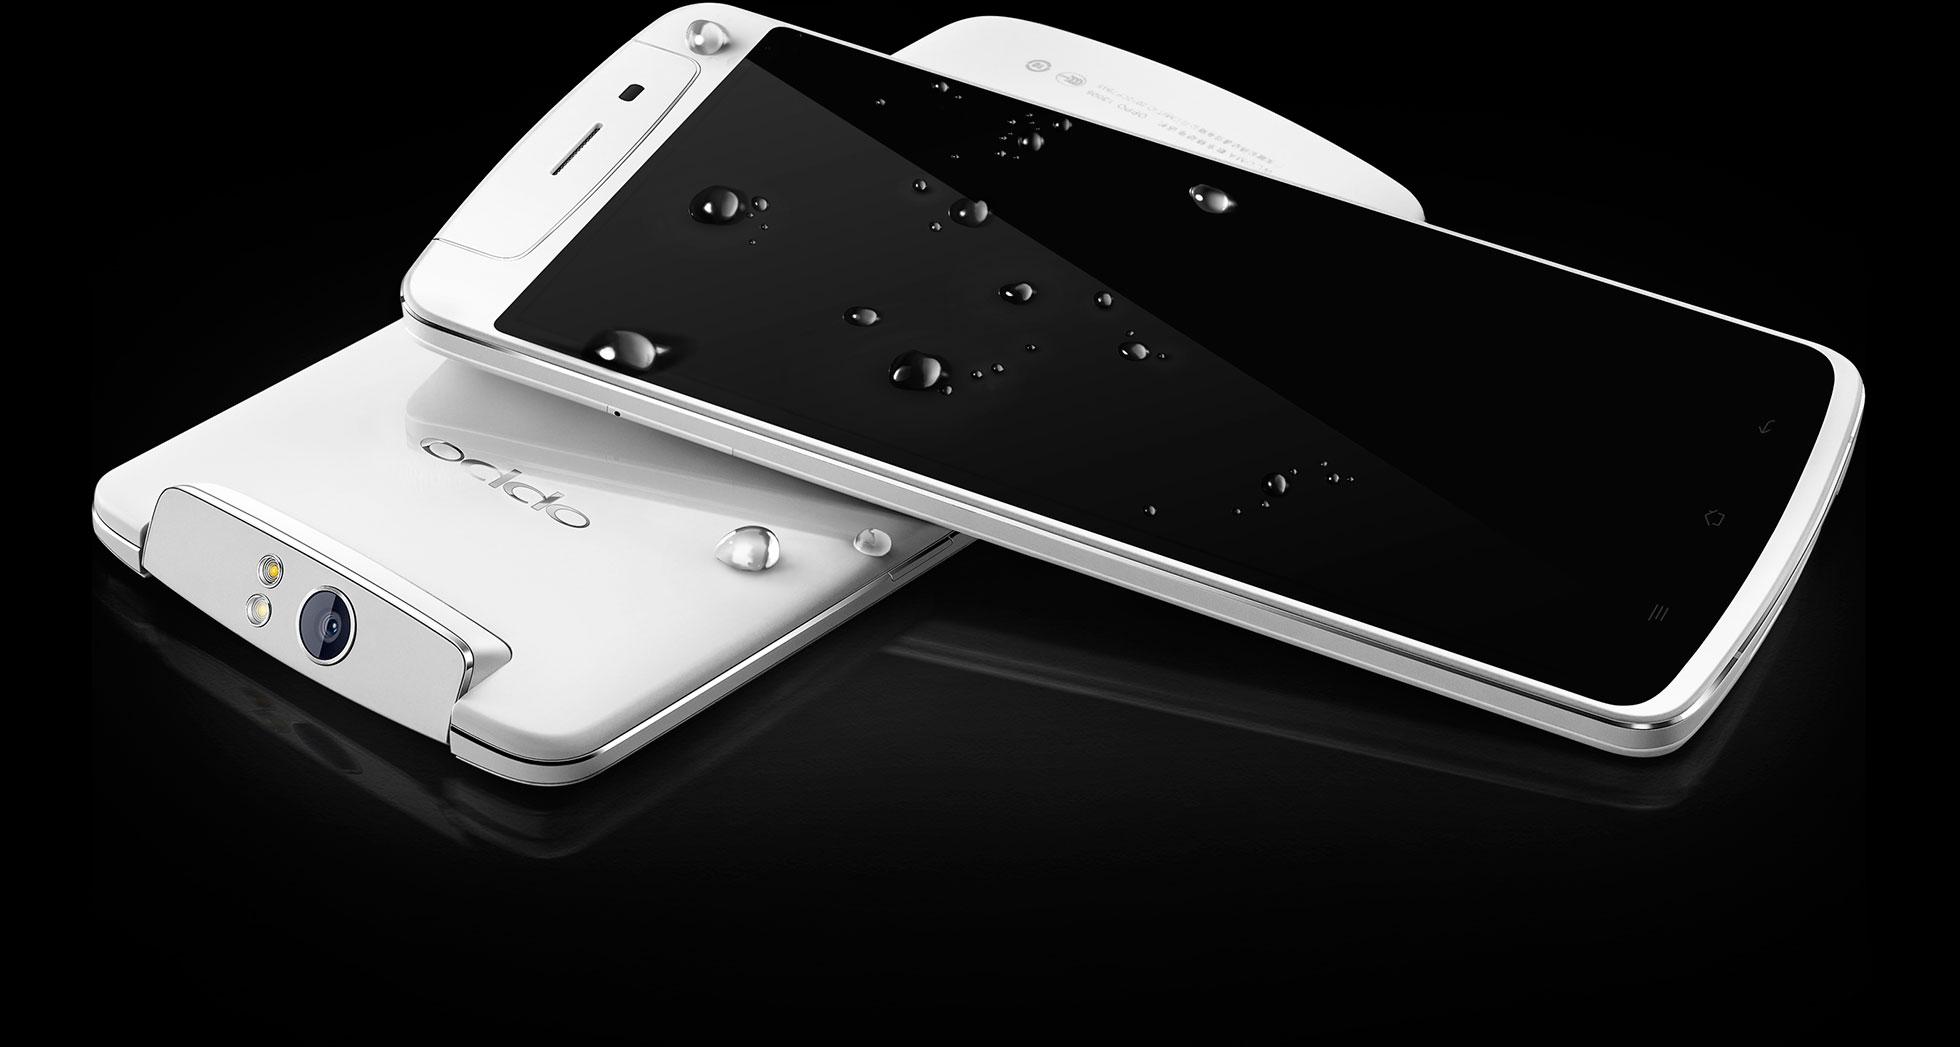 """CyanogenMOD nun mit eigenem YouTube Kanal – Erstes Video zeigt """"Oppo N1 CyanogenMod Edition"""""""